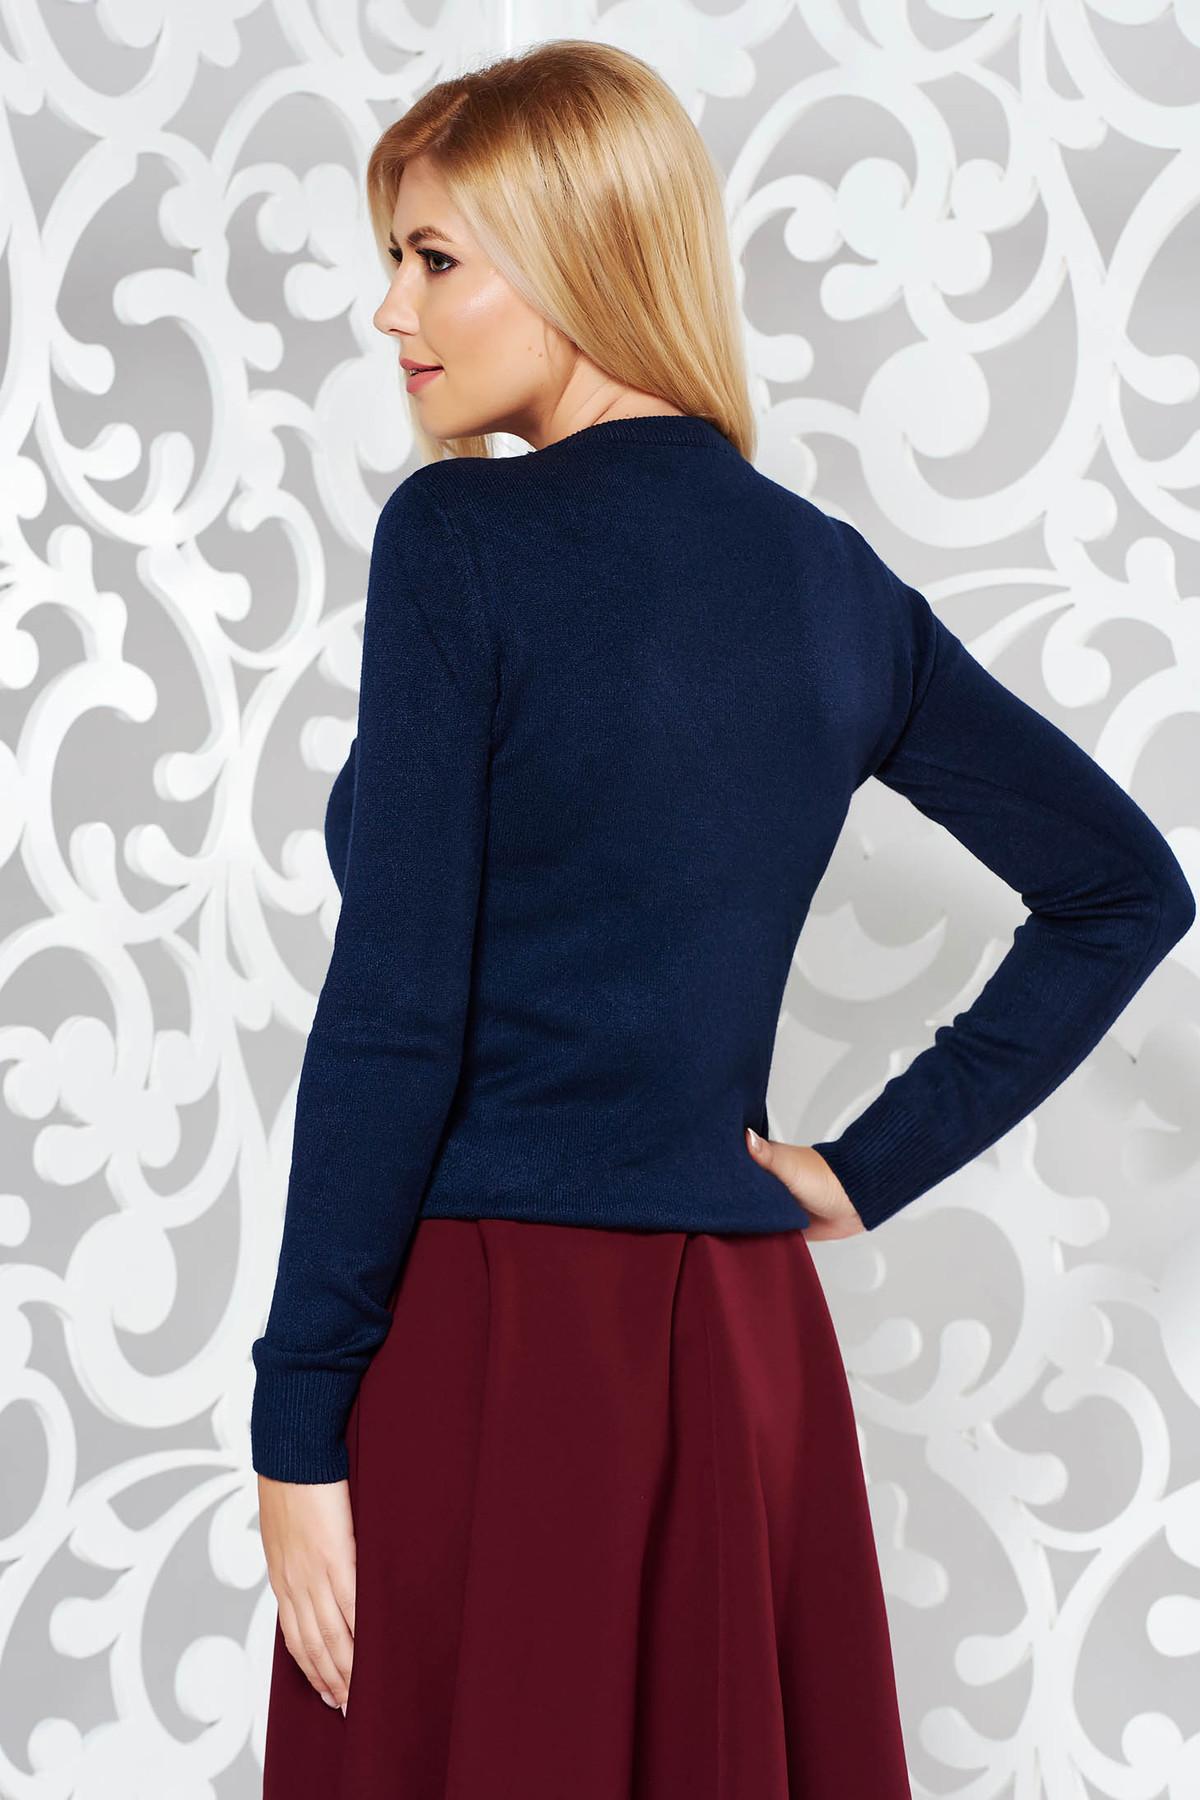 Pulover StarShinerS albastru-inchis din bumbac usor elastic din material tricotat cu aplicatii cu pietre strass